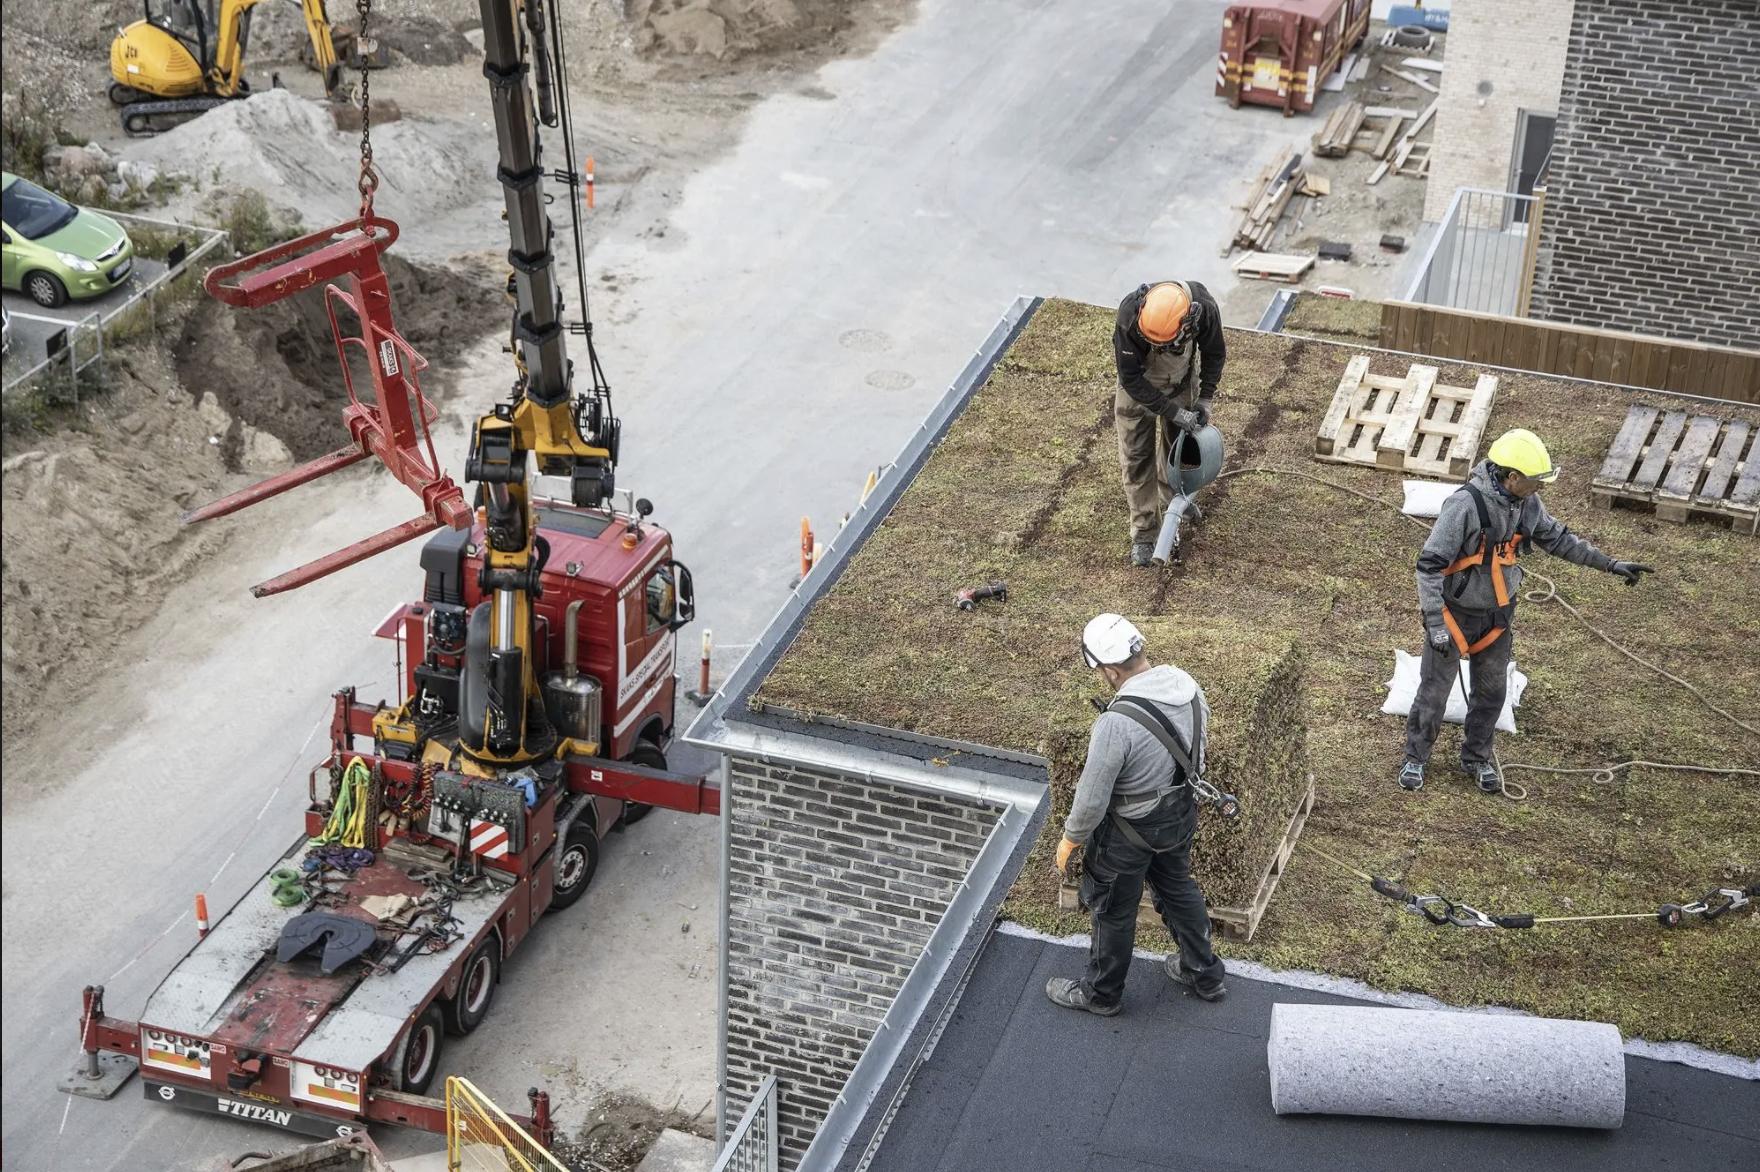 14 Erhvervsforsker-projekter skal gøre byggebranchen grønnere